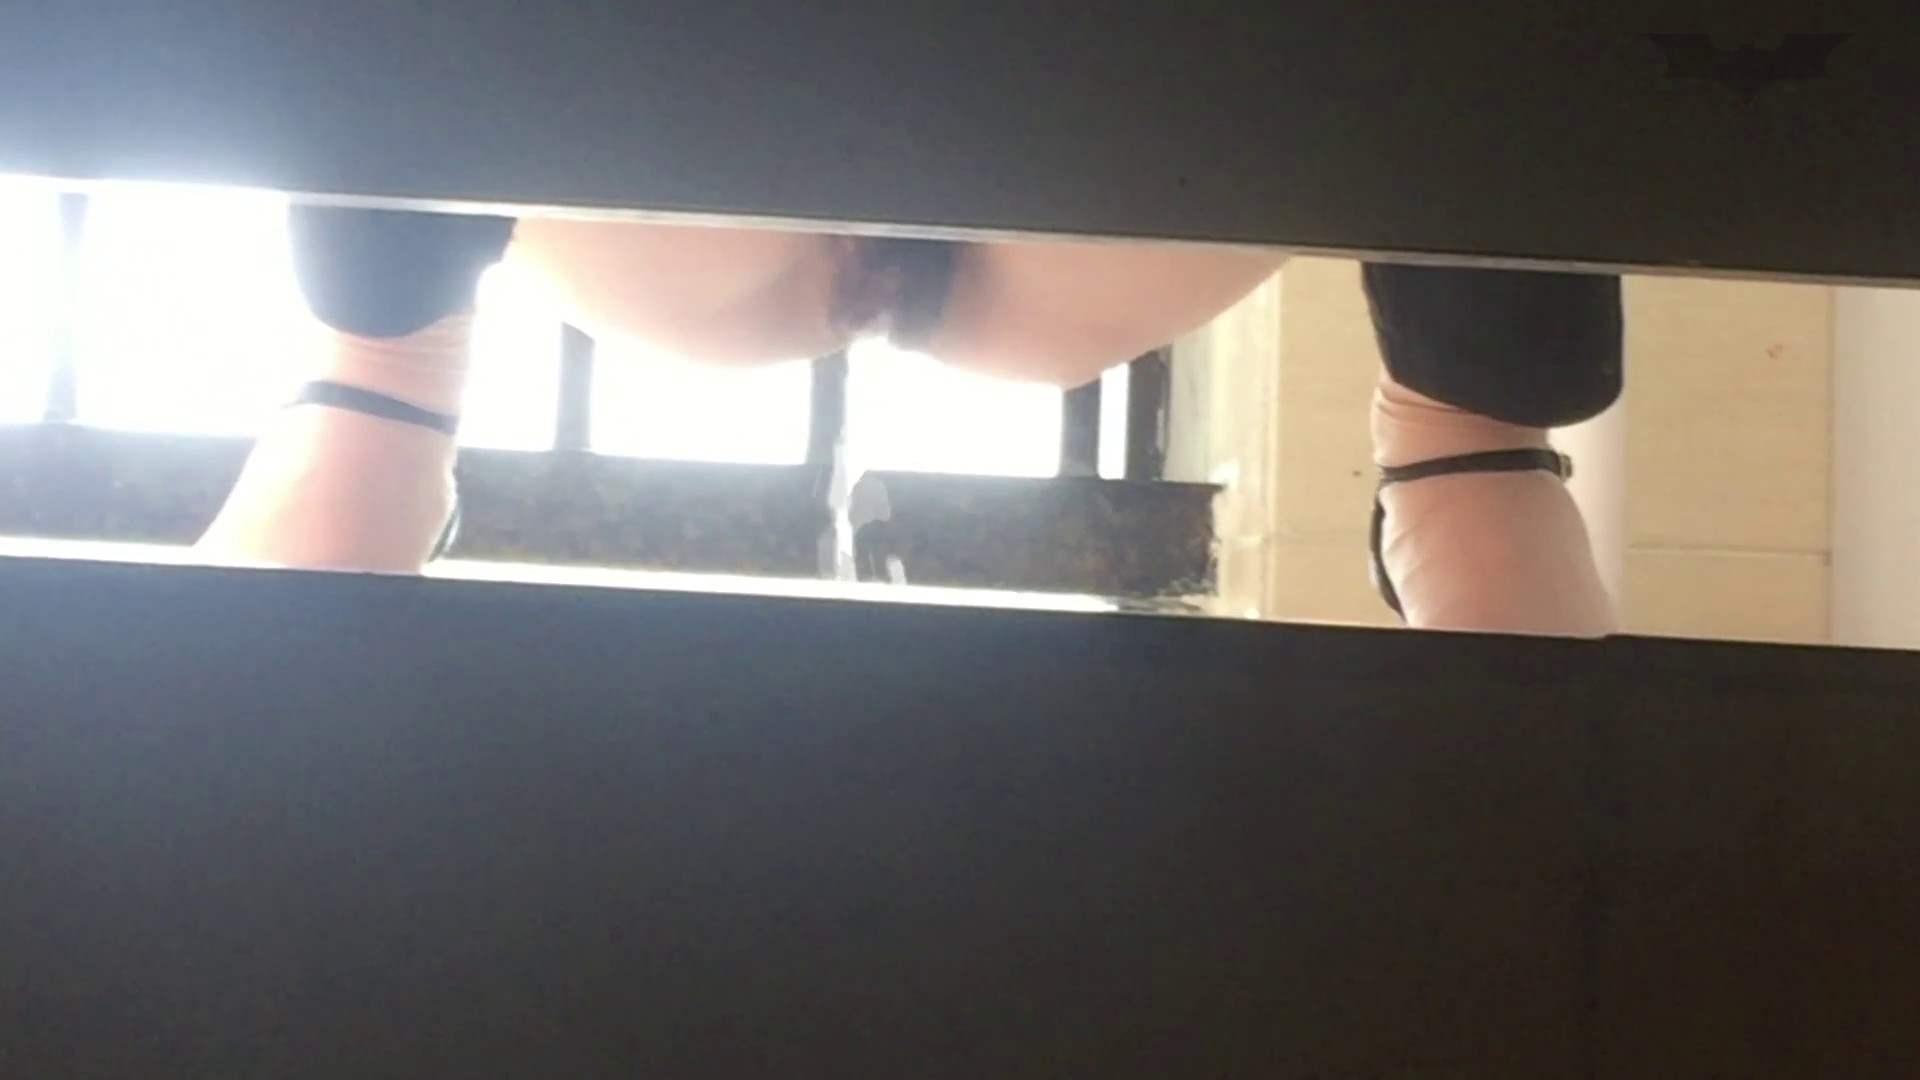 JD盗撮 美女の洗面所の秘密 Vol.69 美女のボディ オマンコ無修正動画無料 86PIX 78